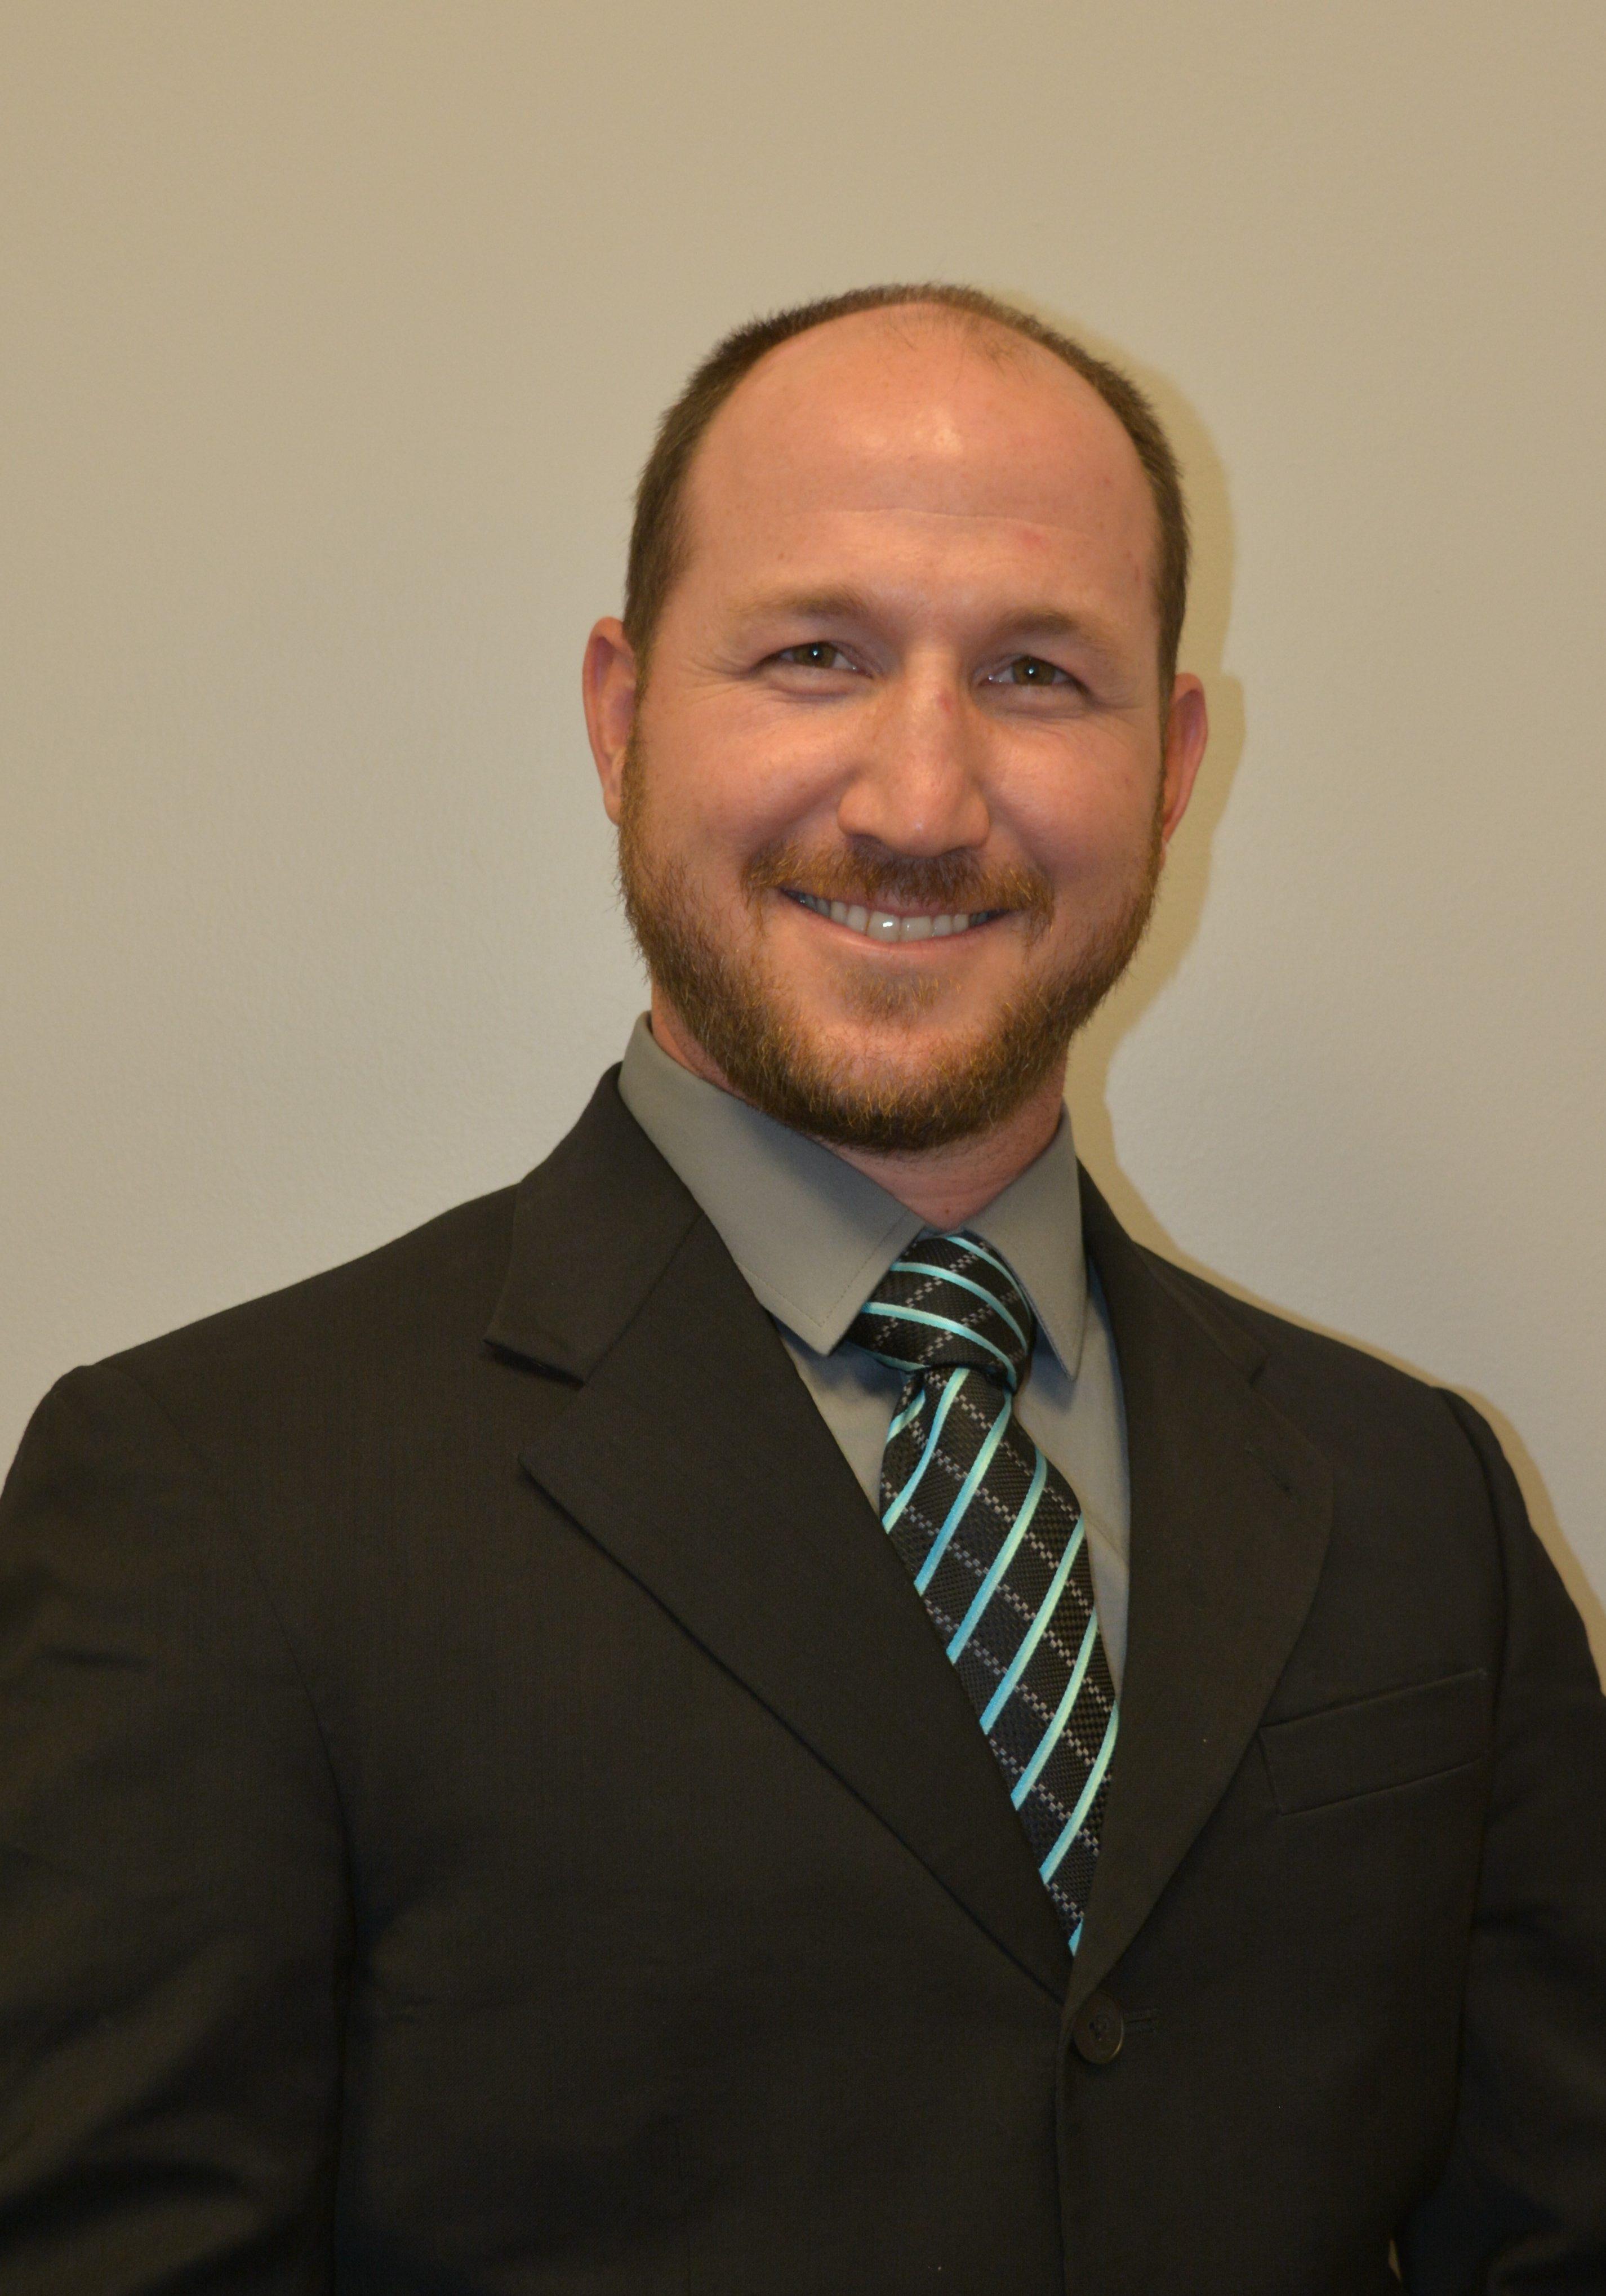 Jeffrey Paynter II